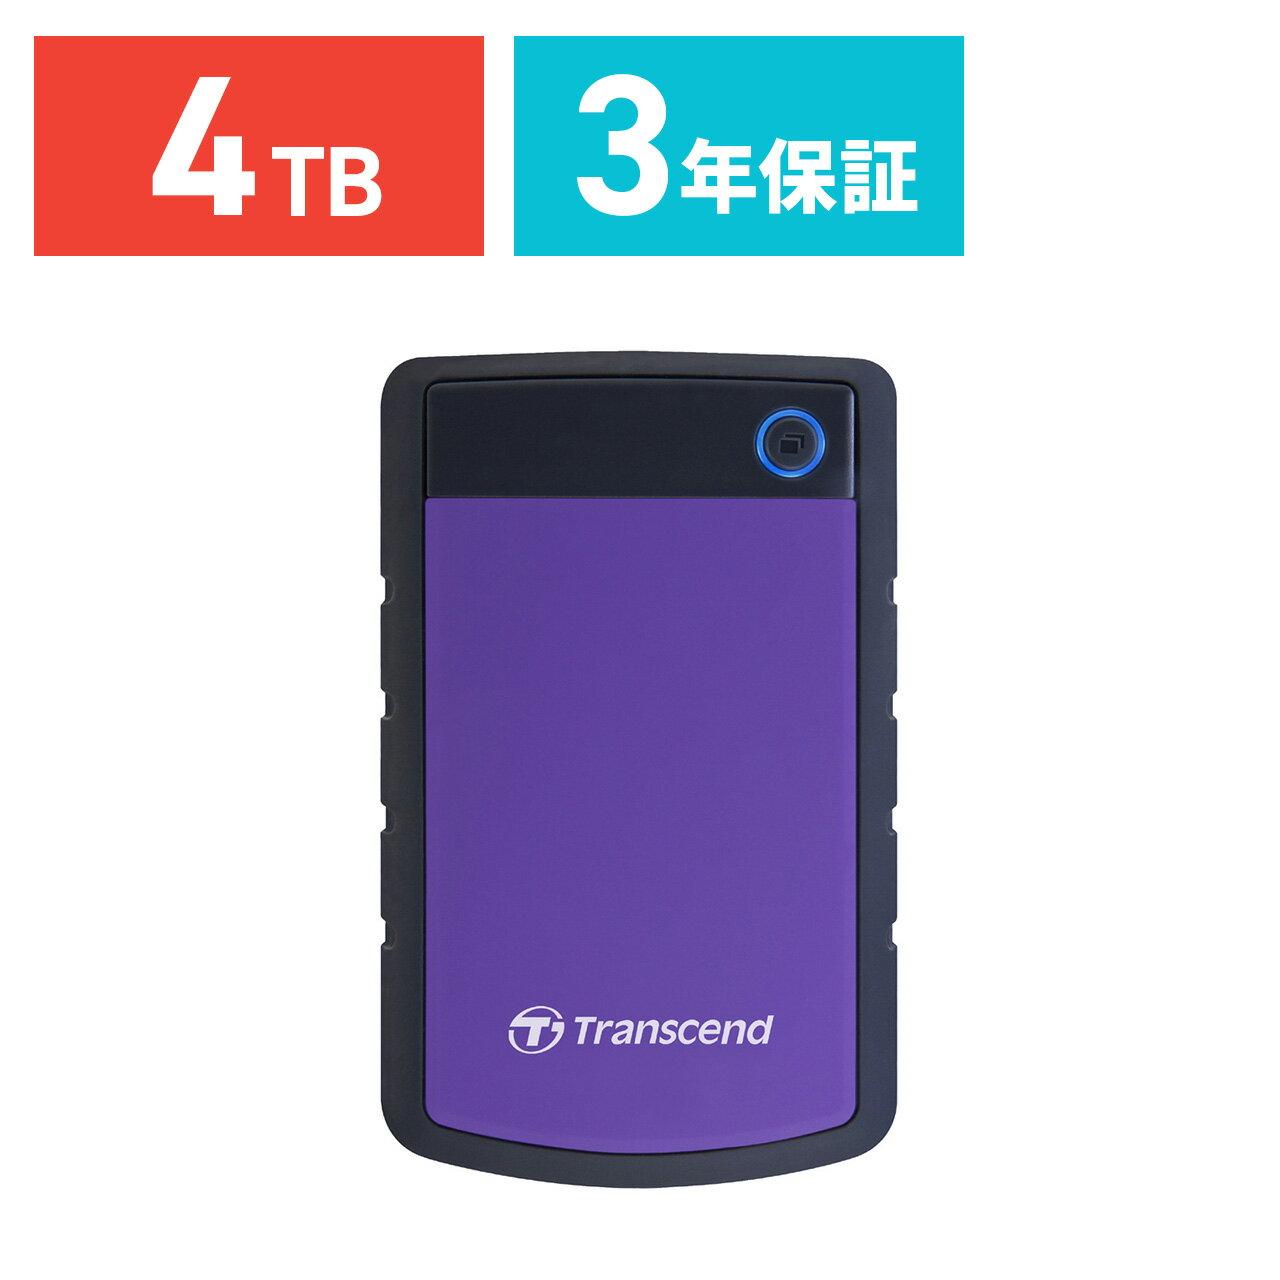 Transcend ポータブルHDD 4TB StoreJet 25H3P USB3.0 耐衝撃 3年保証 ハードディスク 外付けHDD ポータブルハードディスク[TS4TSJ25H3P]【送料無料】